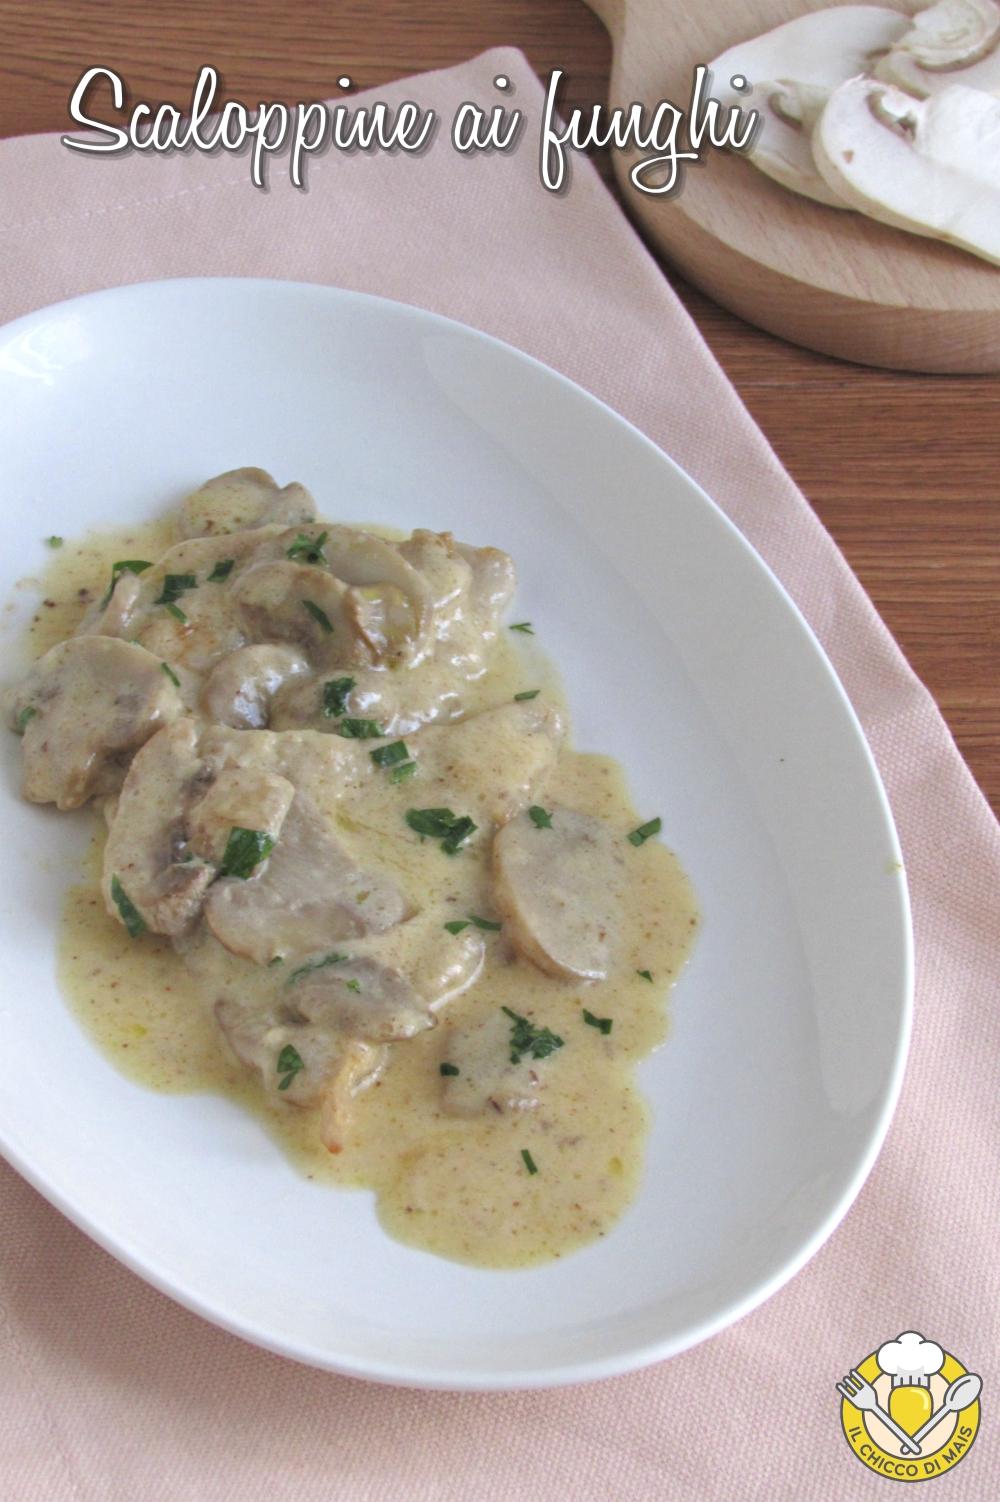 v_ scaloppine ai funghi champignon ricetta facile secondo di carne cremoso con vitello o pollo il chicco di mais